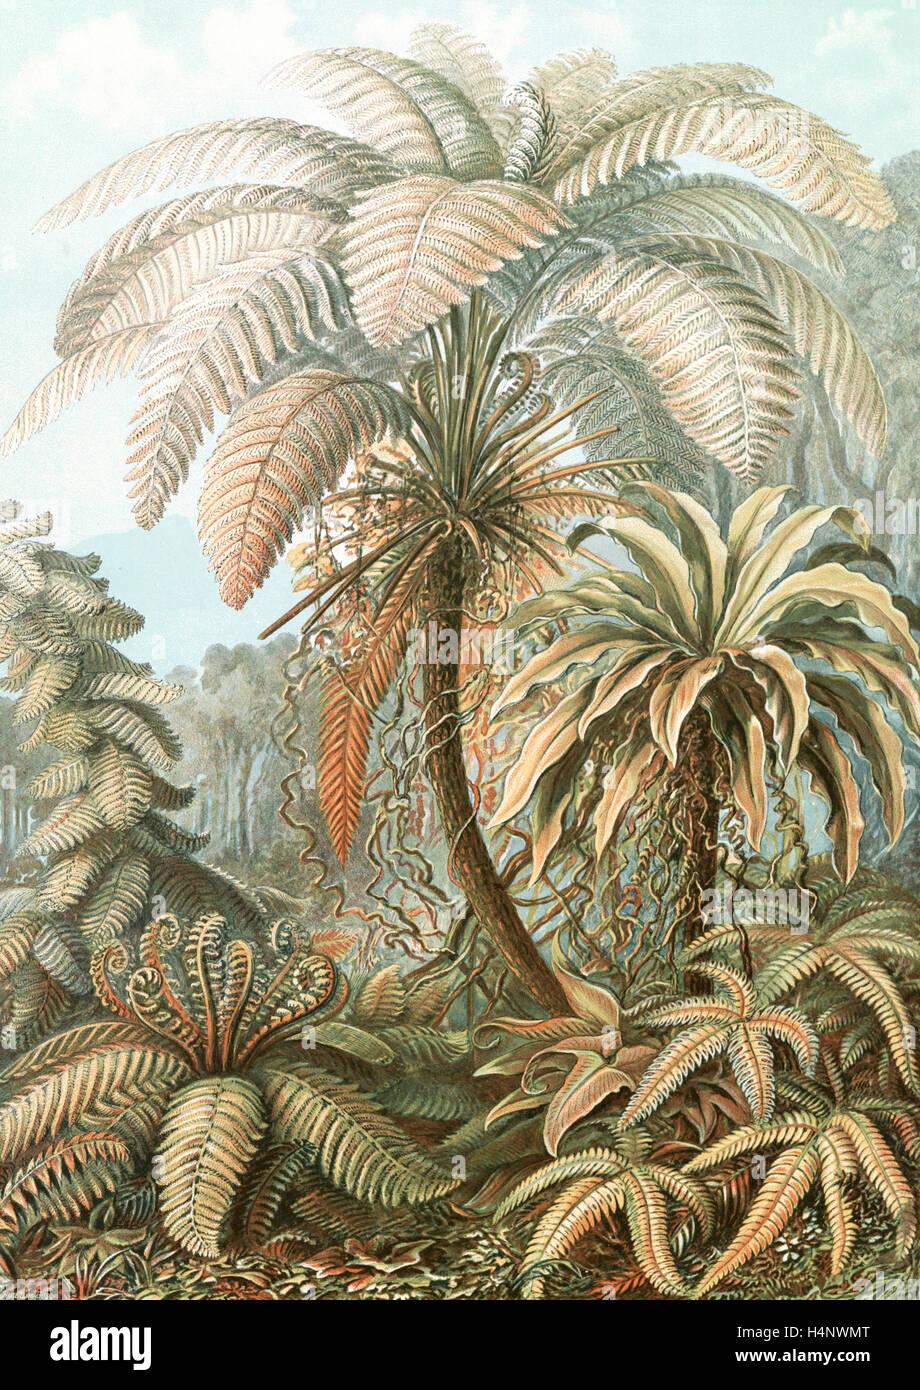 La figura mostra le felci. Filicinae. - Laubfarne, 1 stampa : colore photomechanical ; foglio 36 x 26 cm., 1904. Immagini Stock